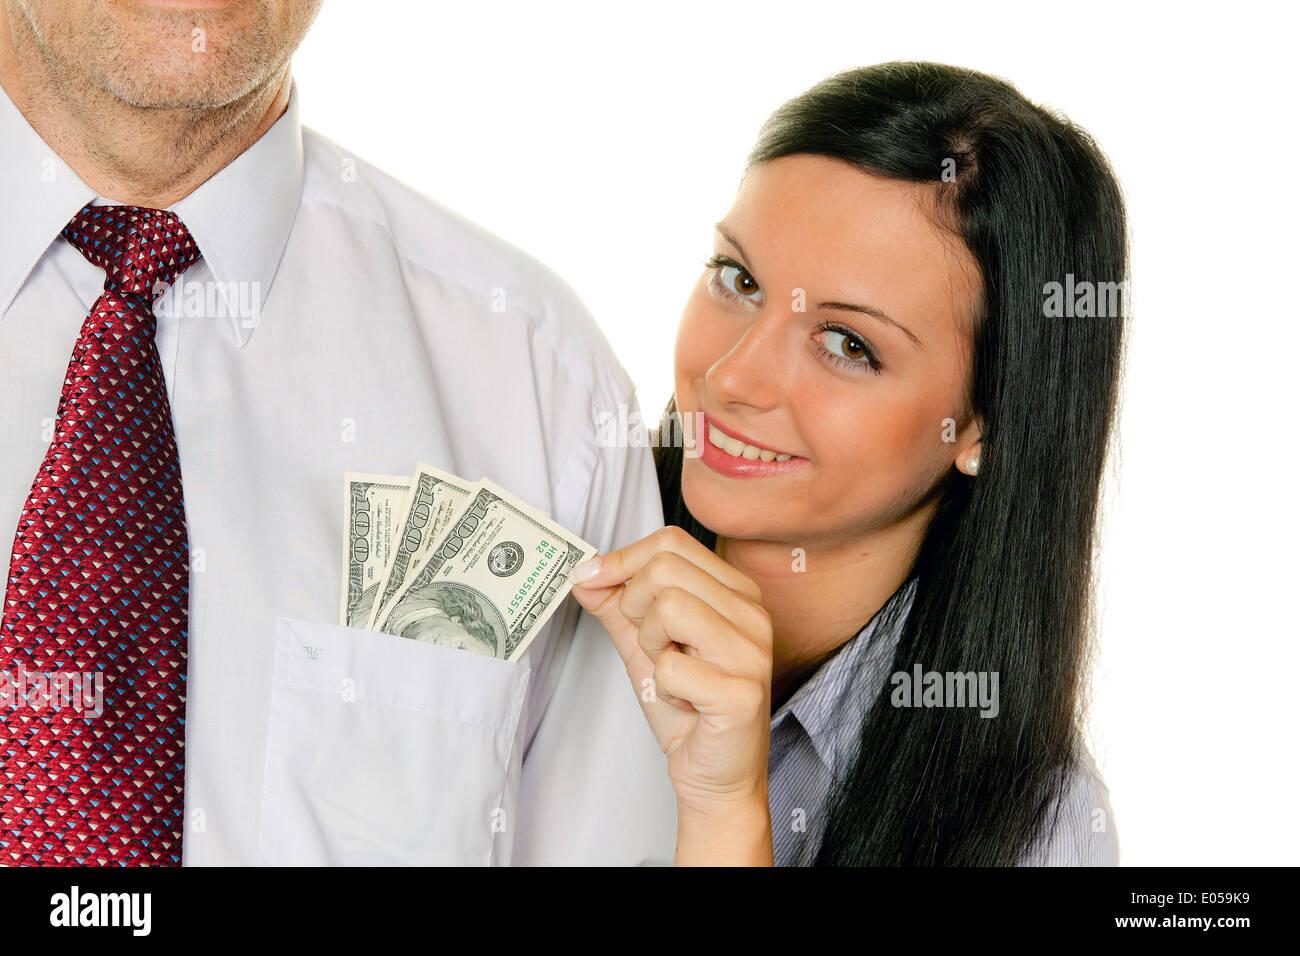 Junge frau sucht mann mit geld